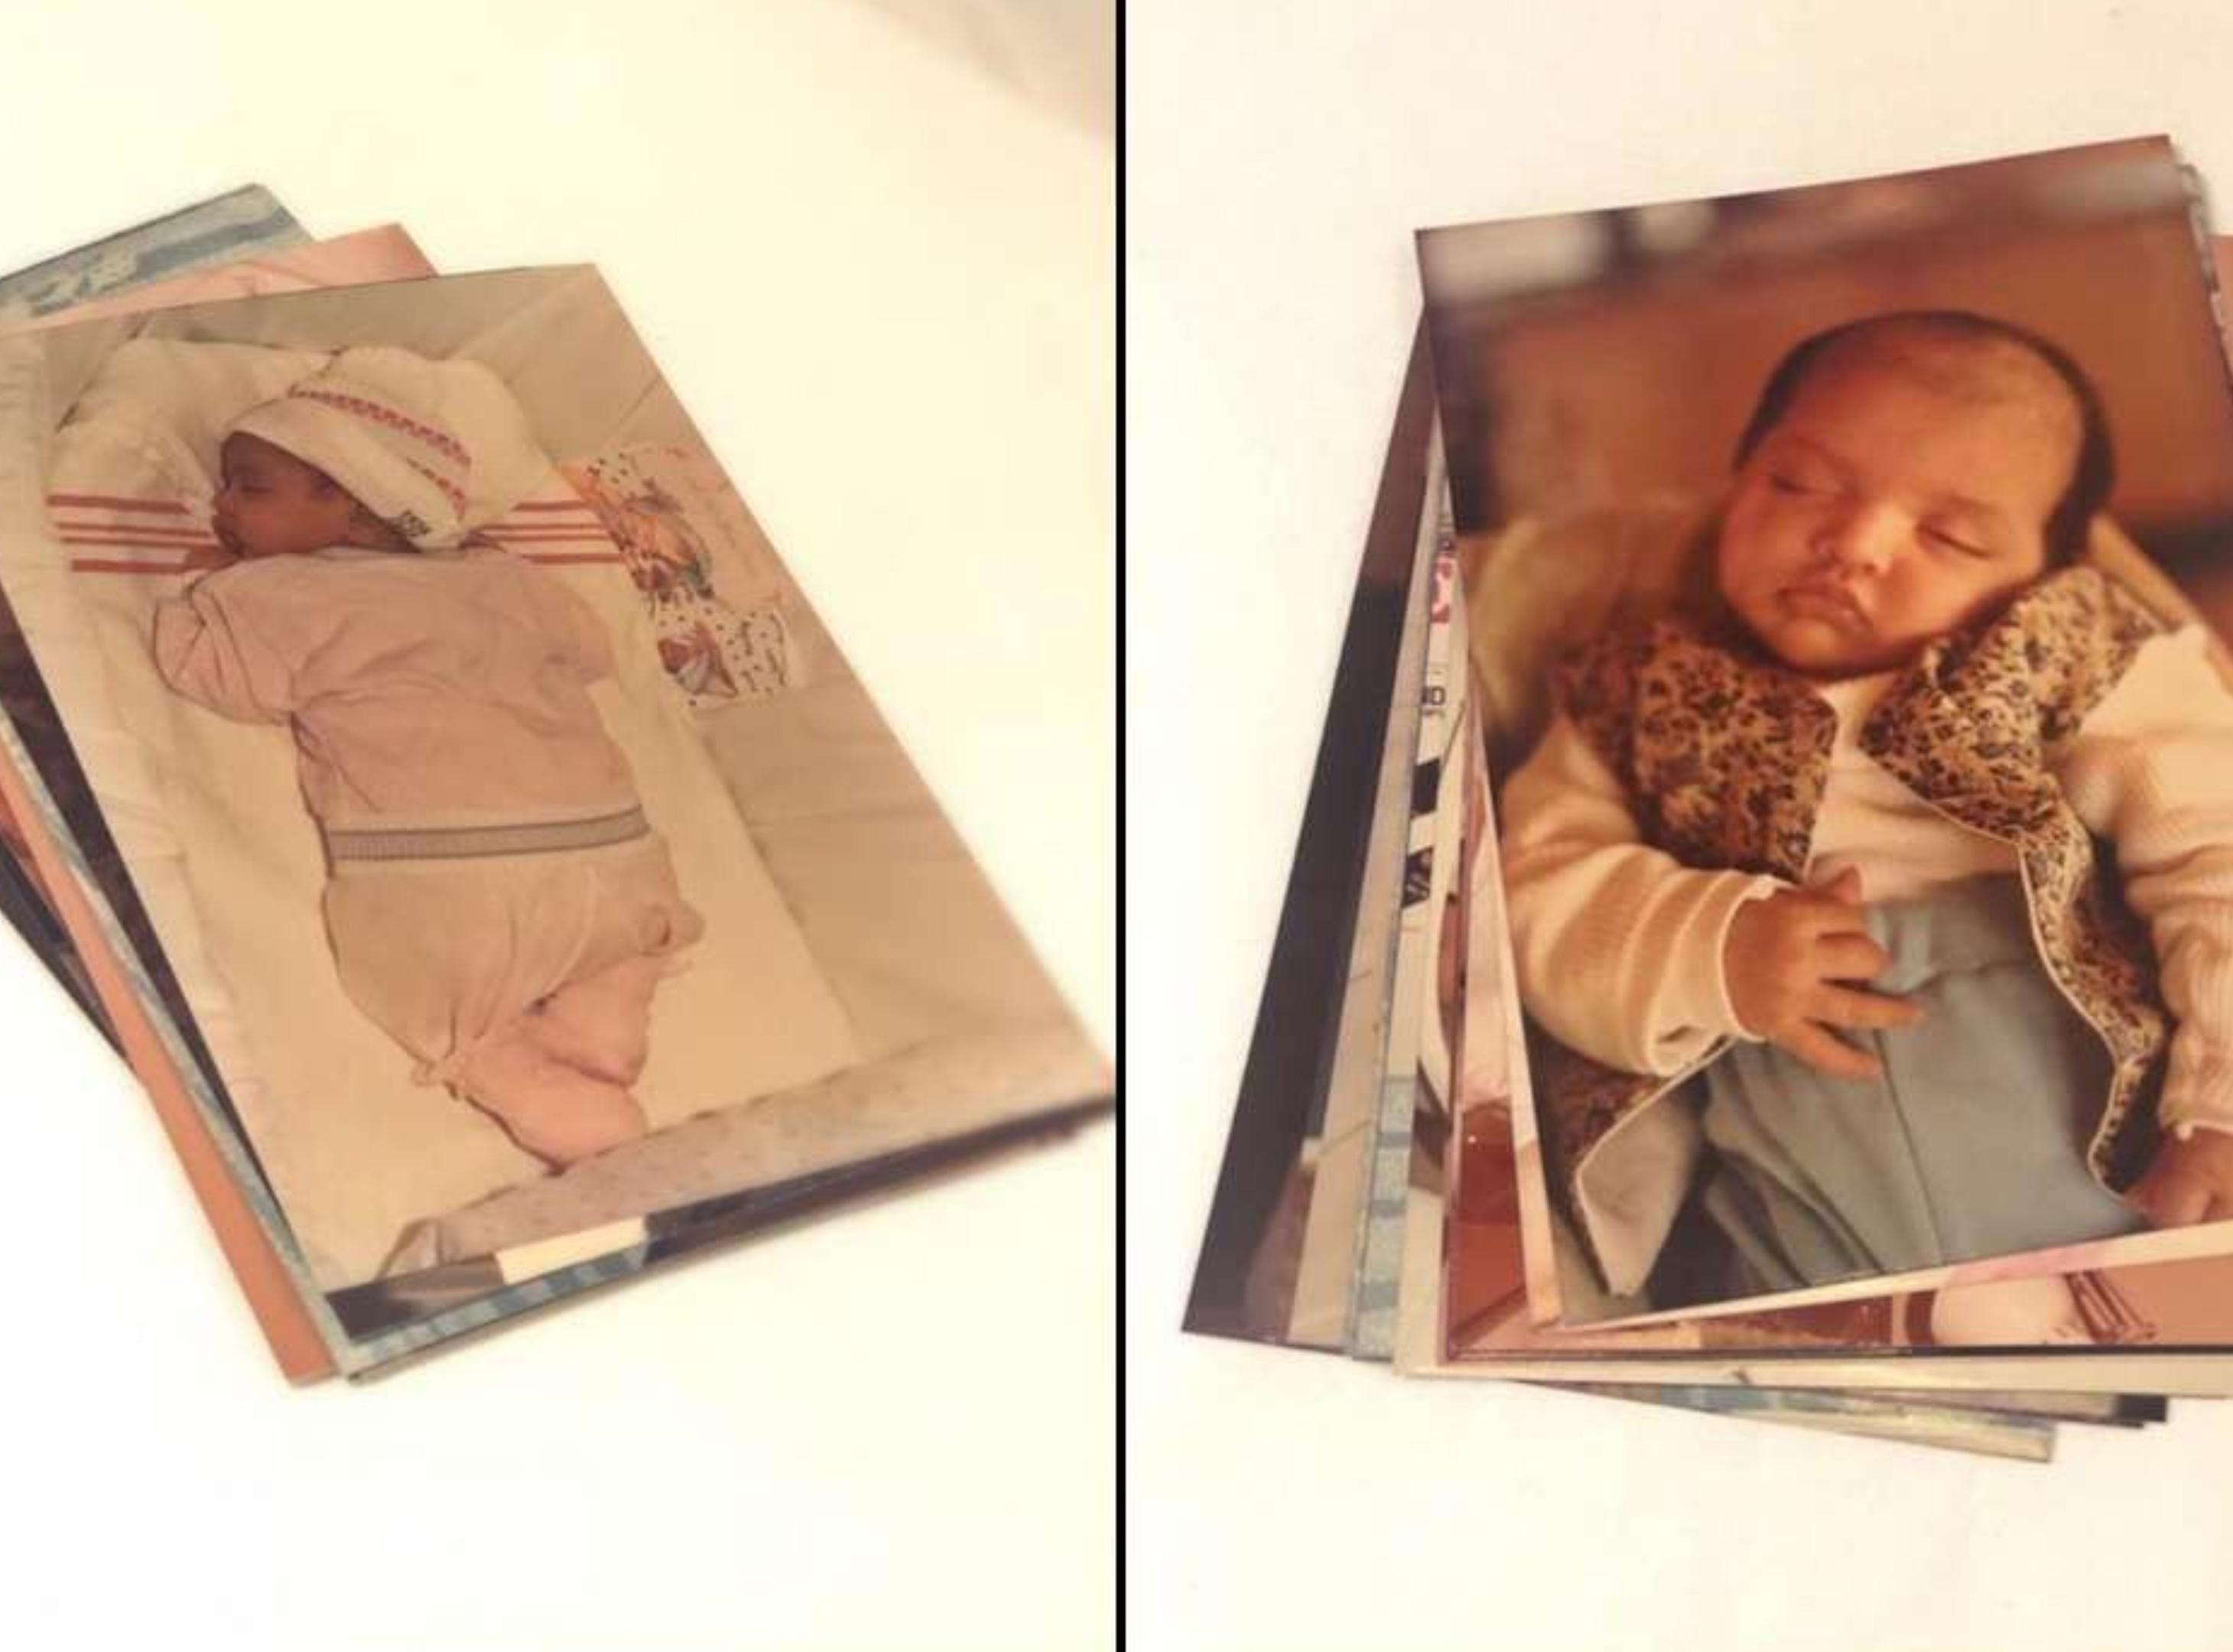 एक्ट्रेस दीपिका पादुकोण ने कुछ हफ्तों पहले अपने बचपन की कुछ तस्वीरें शेयर की थीं। इन तस्वीरों में नन्हीं सी दीपिका अपनी नींद लेते दिख रही हैं। उन्होंने एक साथ अपनी कई तस्वीरें इंस्टाग्राम अकाउंट से शेयर की थीं।